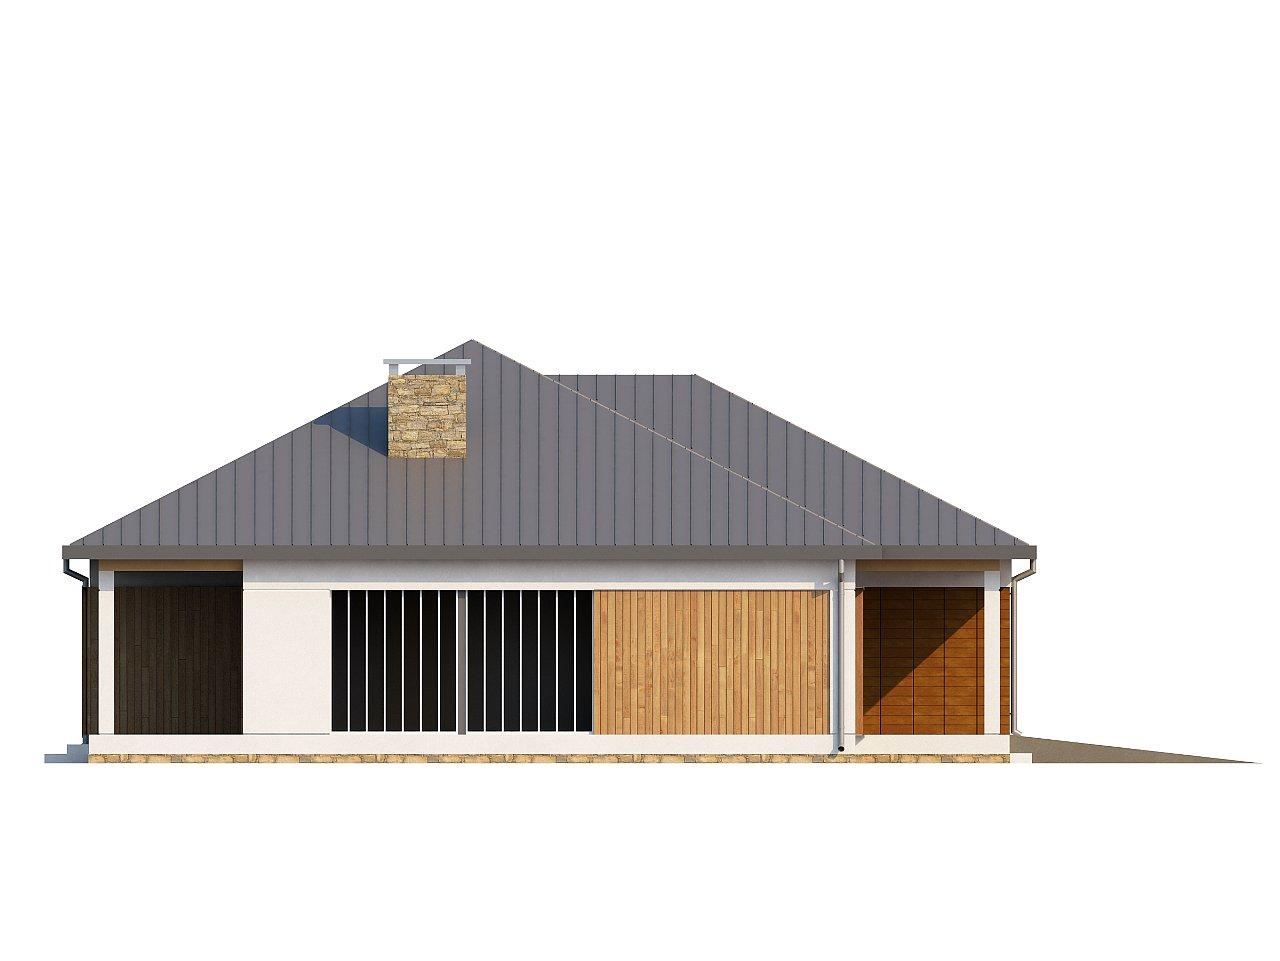 Проект практичного одноэтажного дома с фронтальным выступающим гаражом и крытой террасой. 5